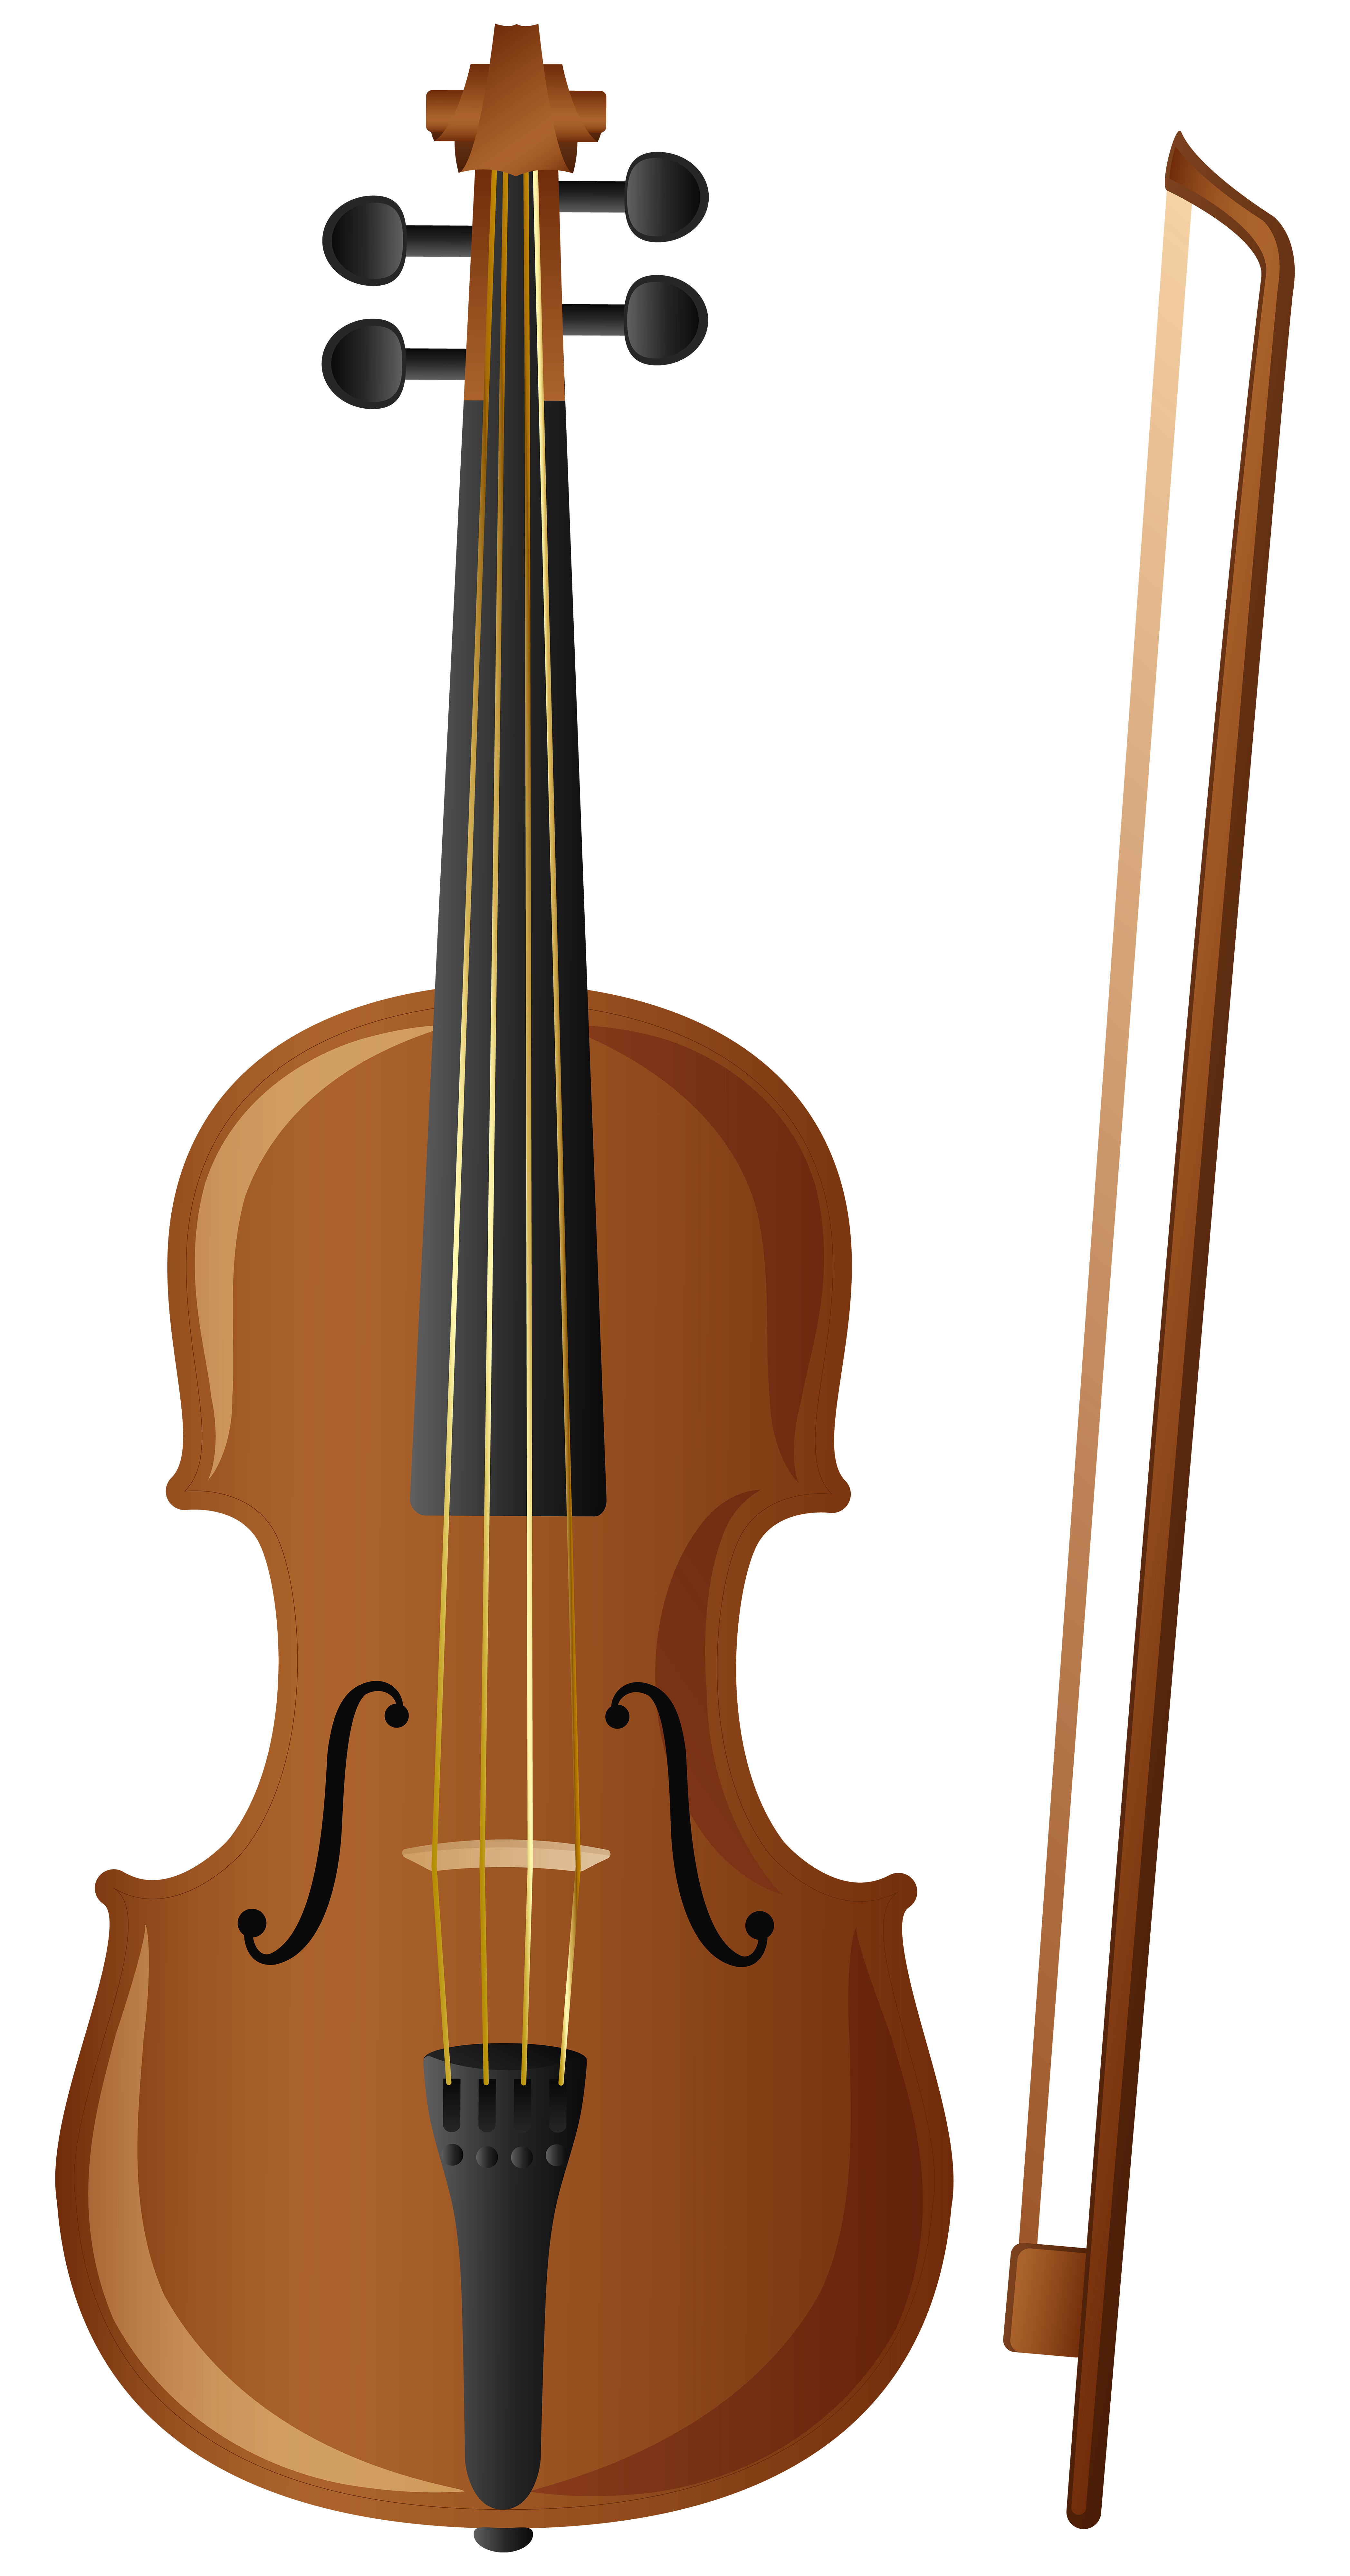 Clipart guitar violin. At getdrawings com free